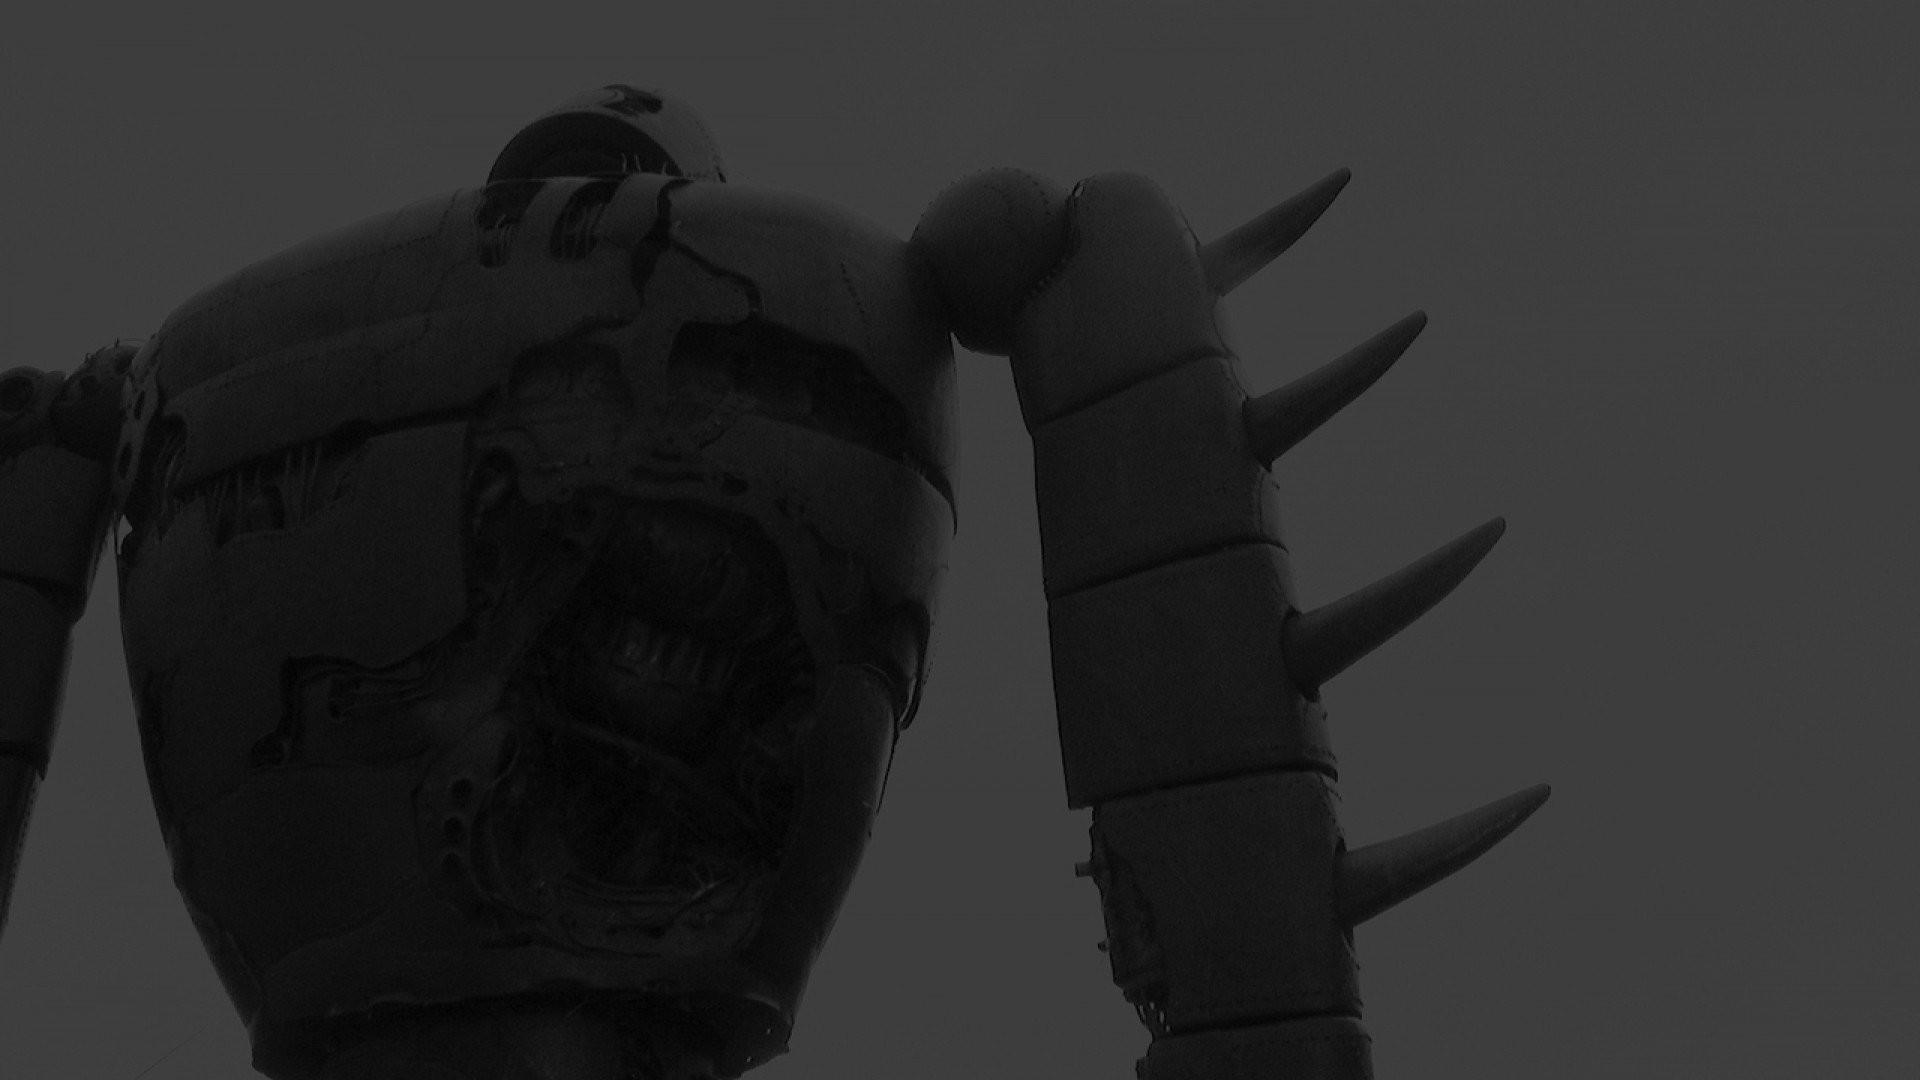 Studio Ghibli Castle In The Sky Robots Monochrome …